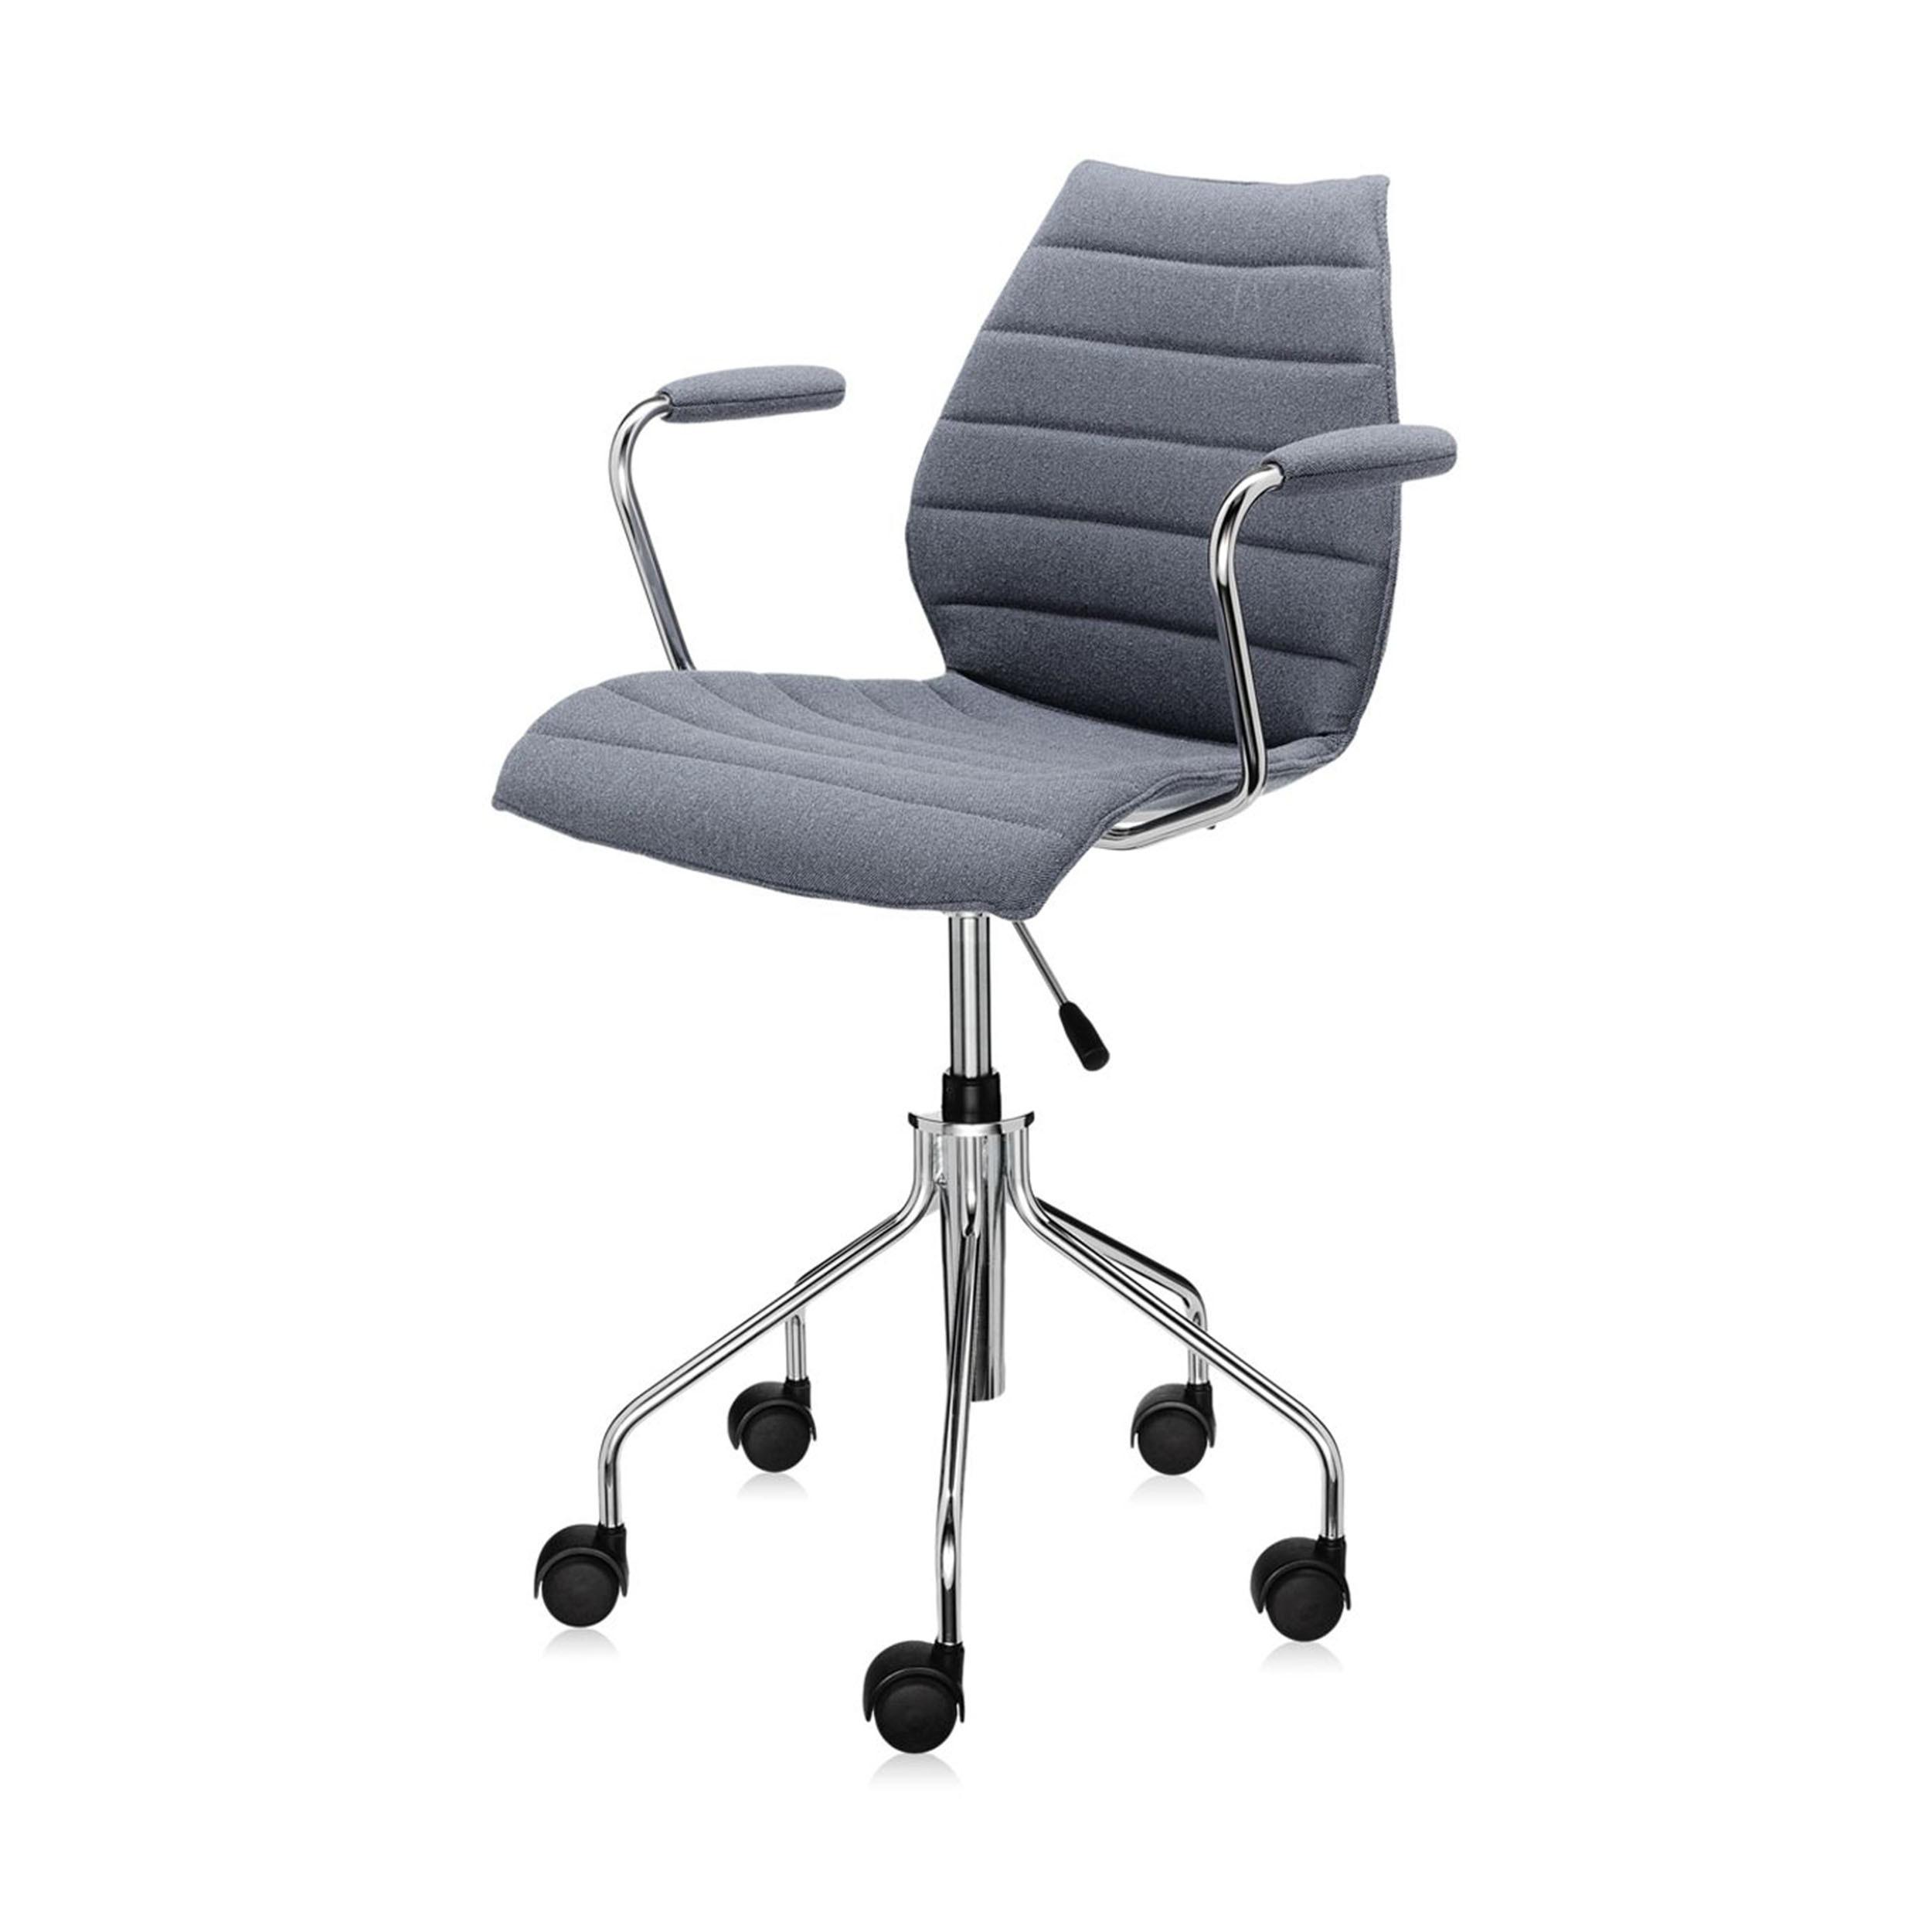 maui soft drehstuhl mit armlehnen und gasfeder grau online kaufen bei woonio. Black Bedroom Furniture Sets. Home Design Ideas